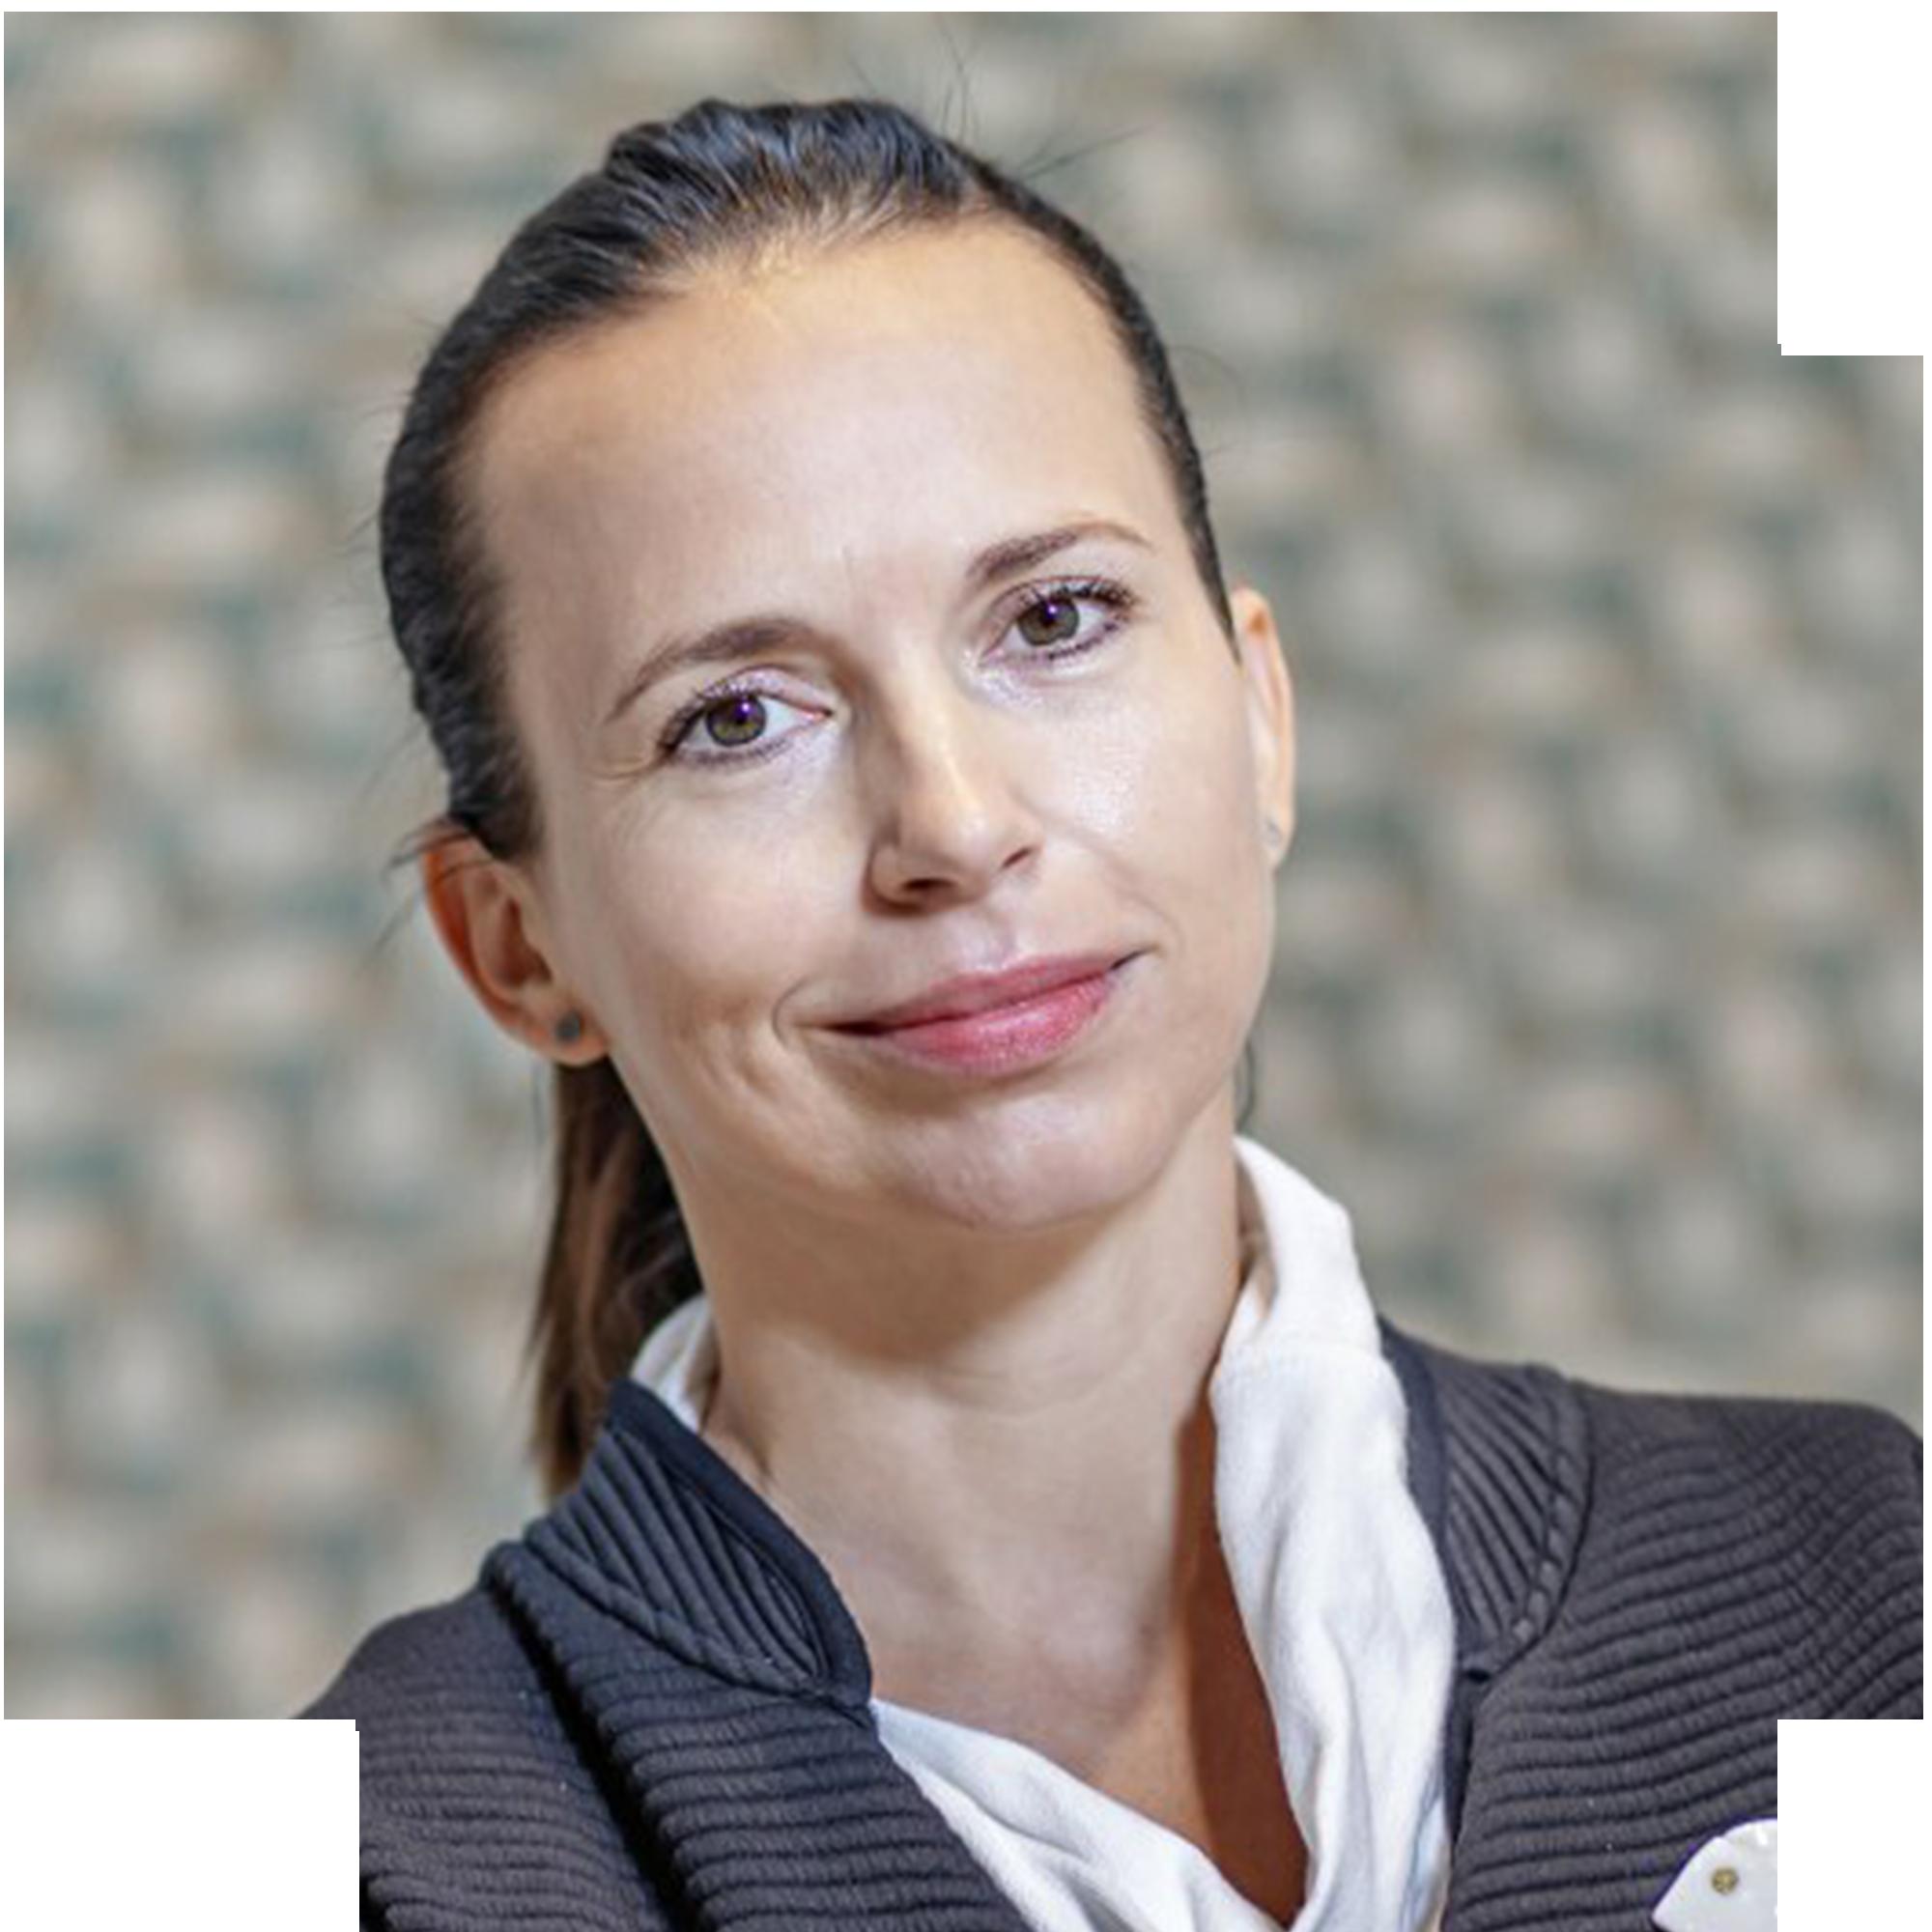 Kateřina Vránová